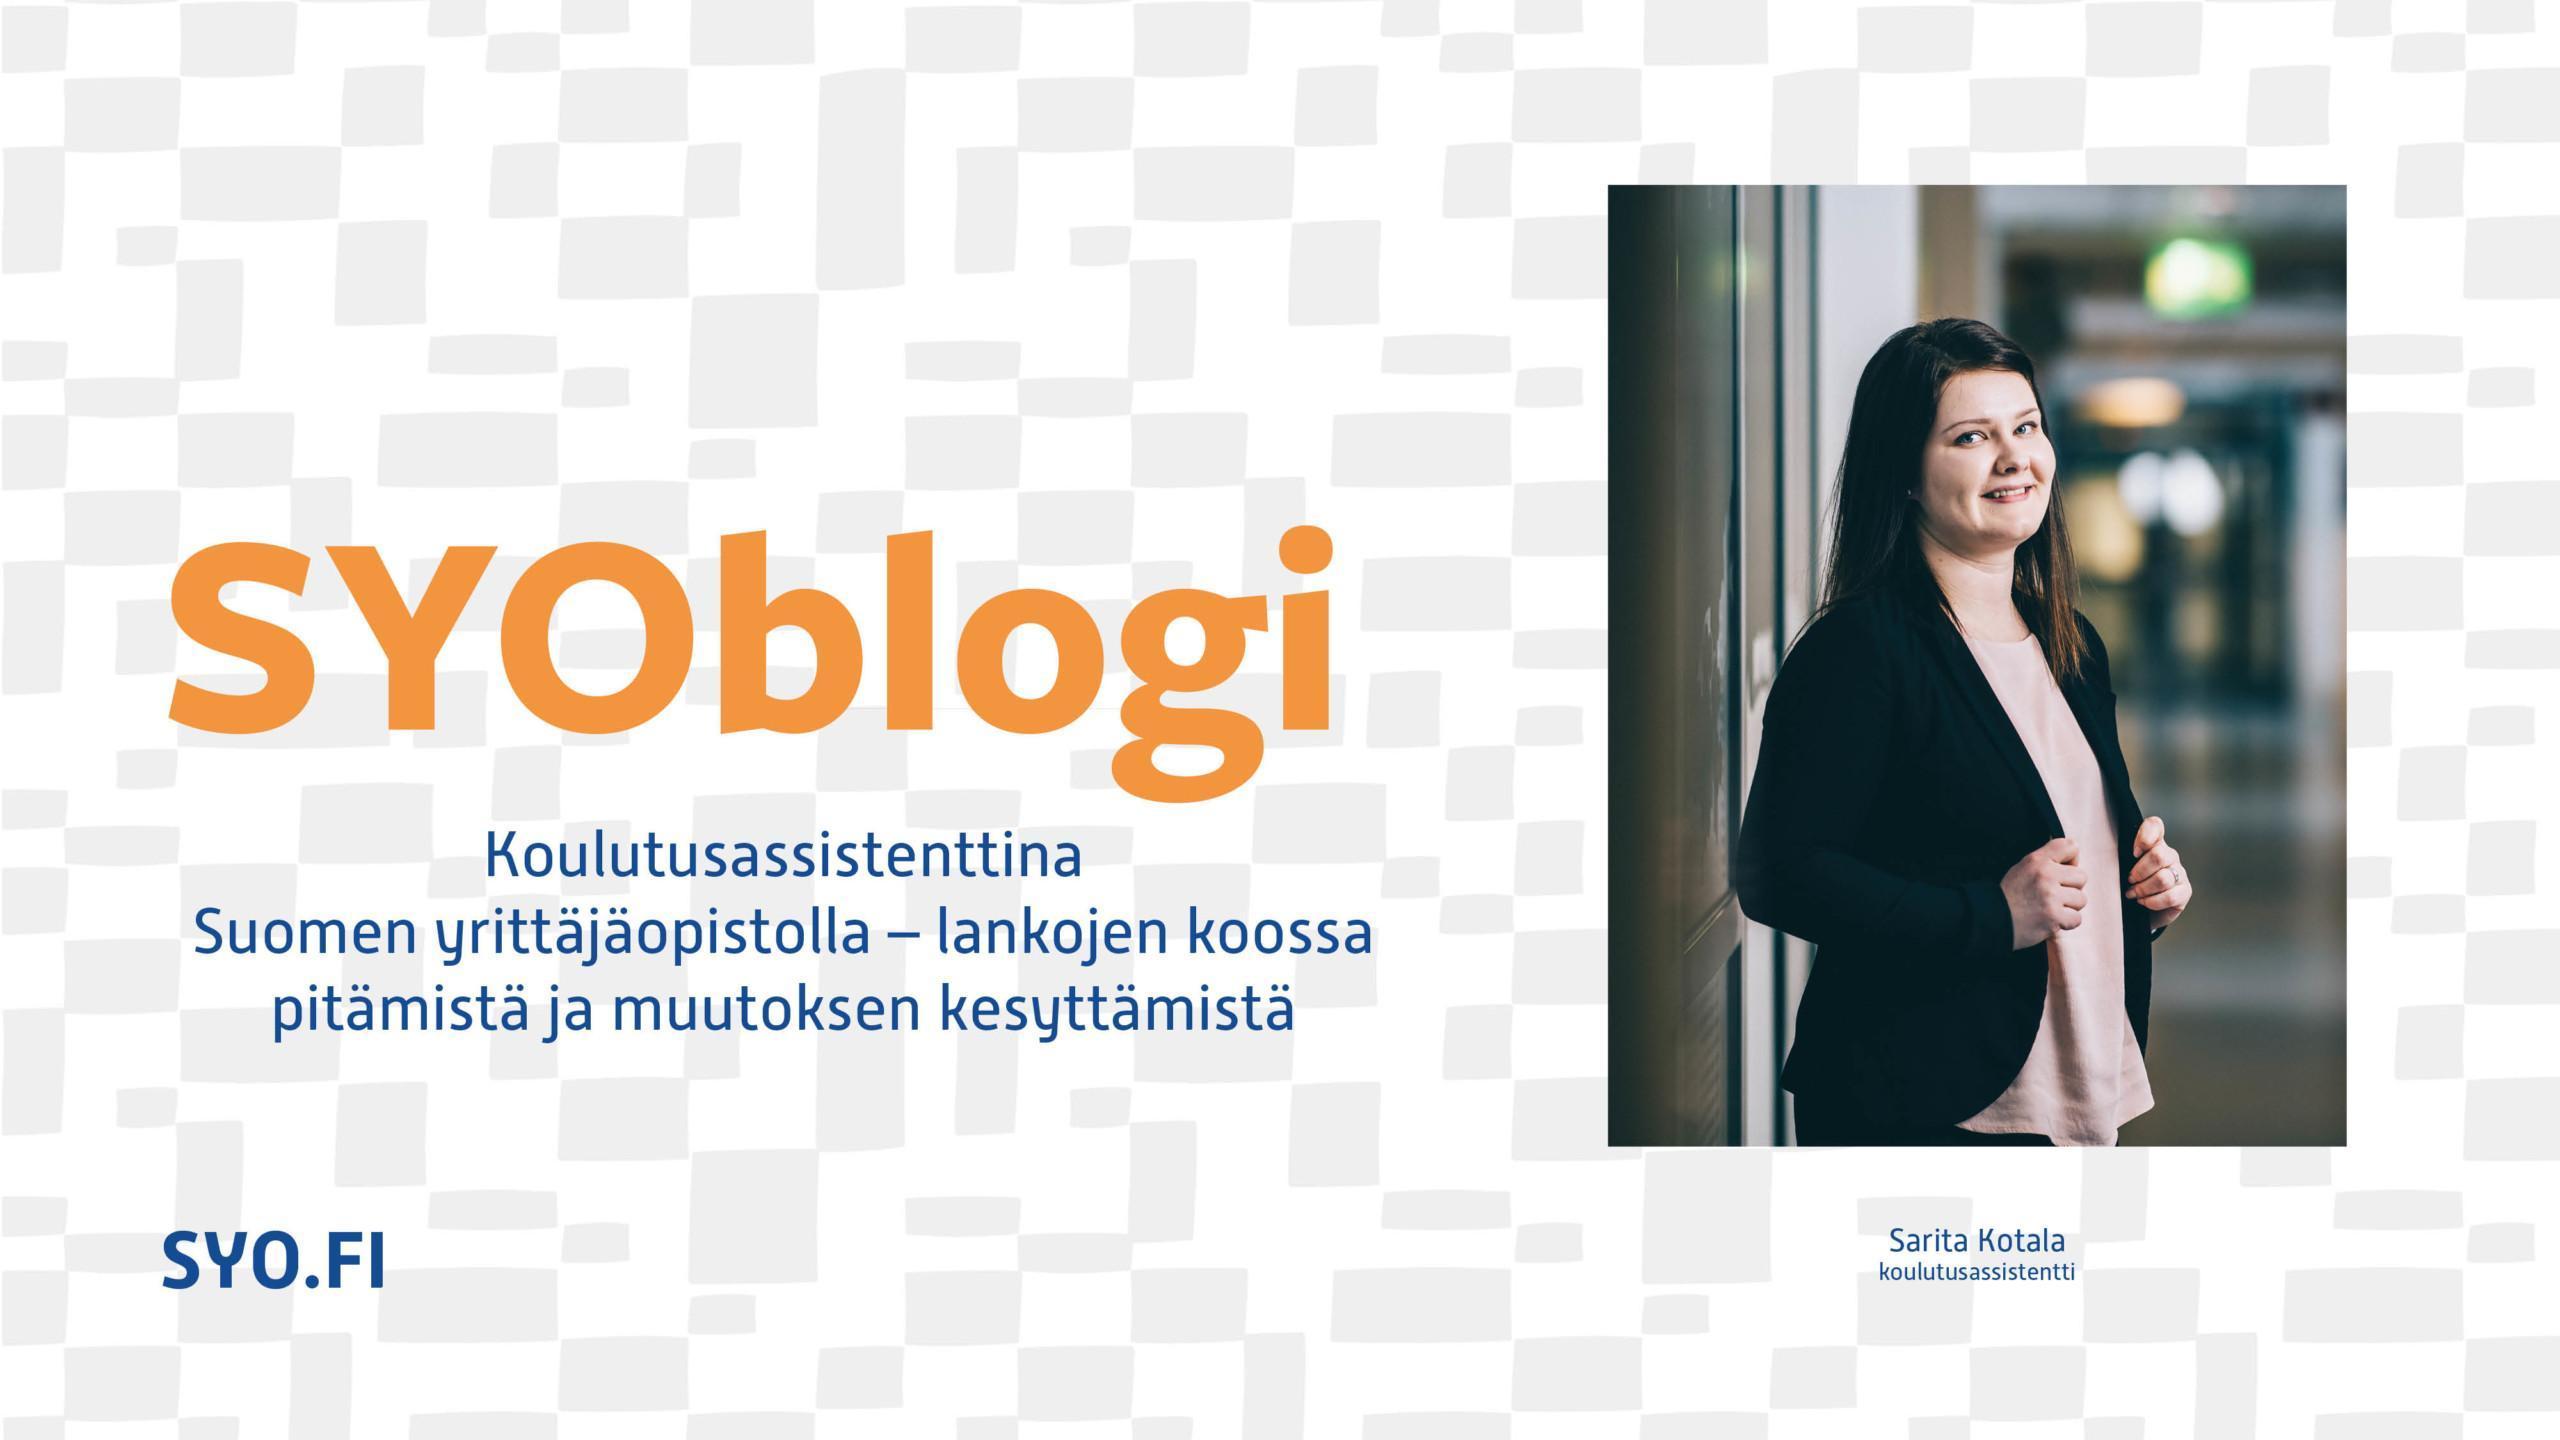 Sarita Kotala kirjoittaa SYOblogissa työskentelystään Suomen Yrittäjäopistolla.